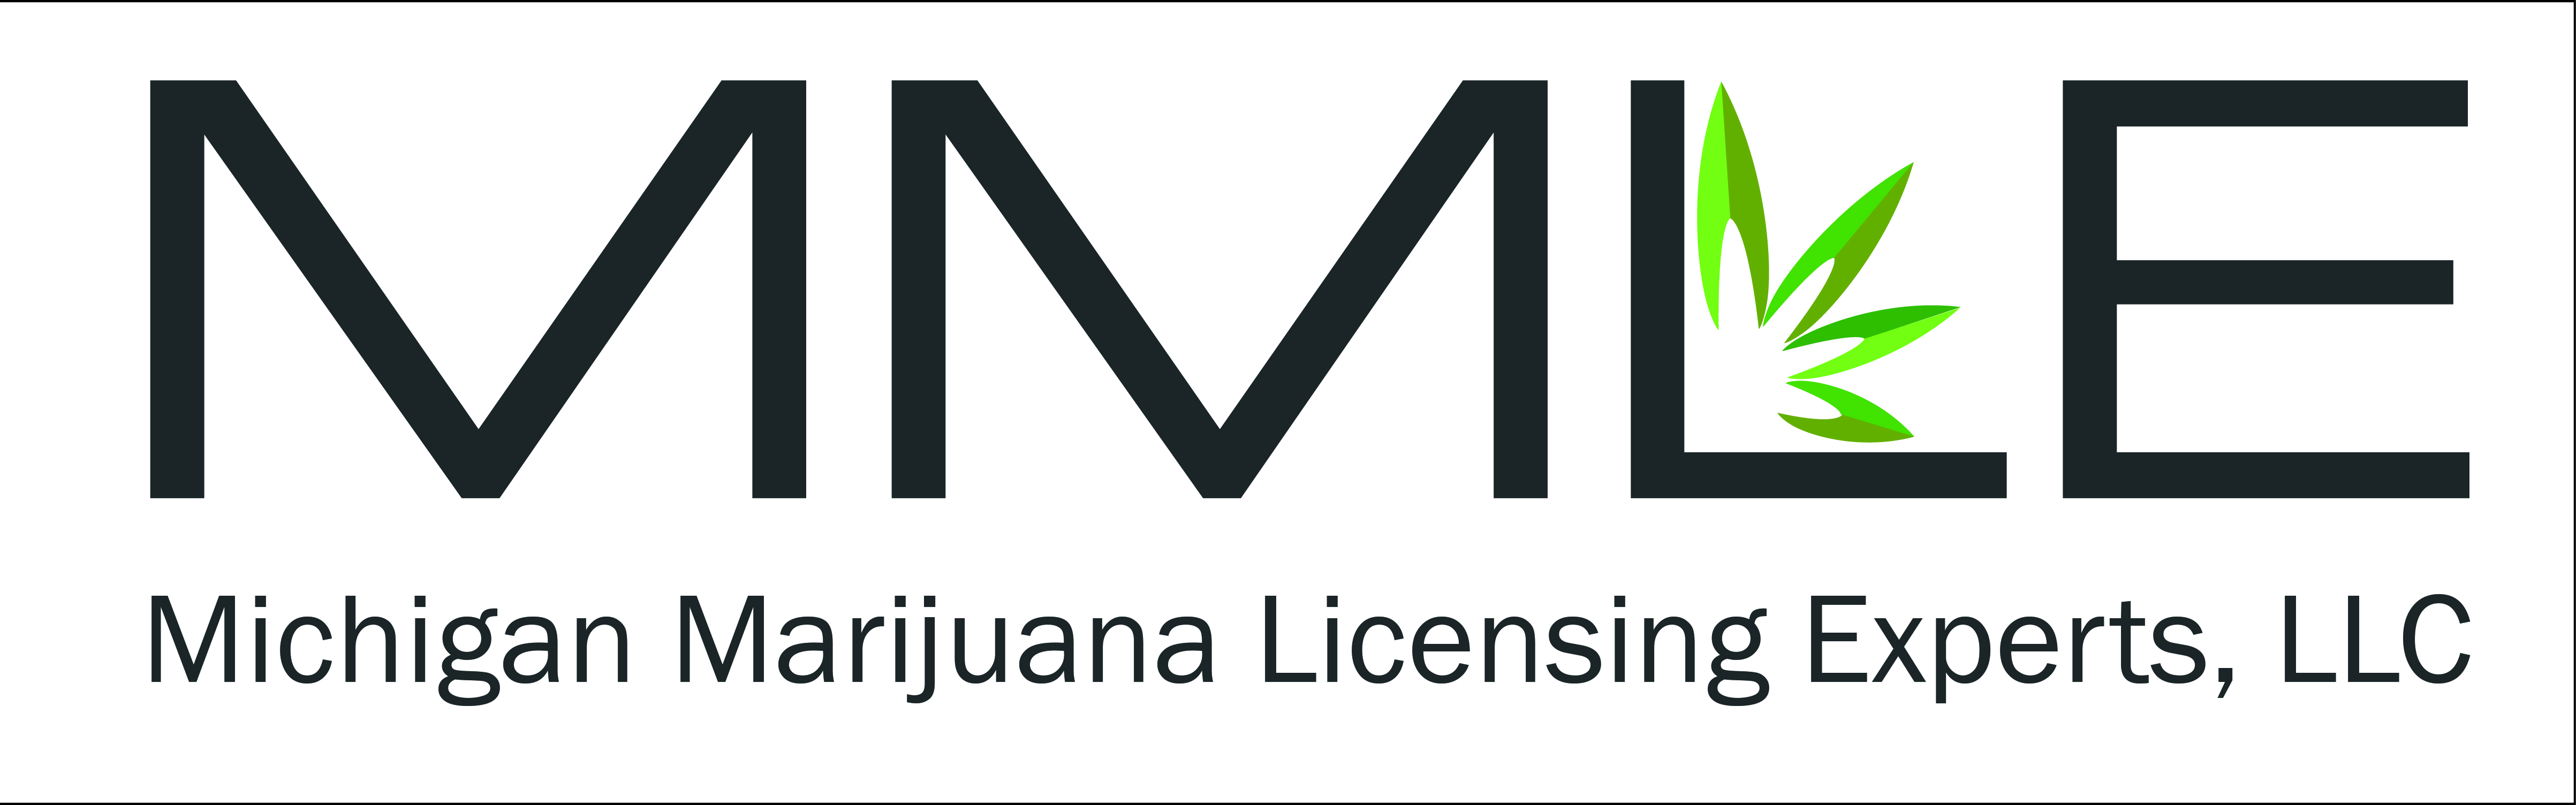 MMLE_Logo__Licensing.jpg